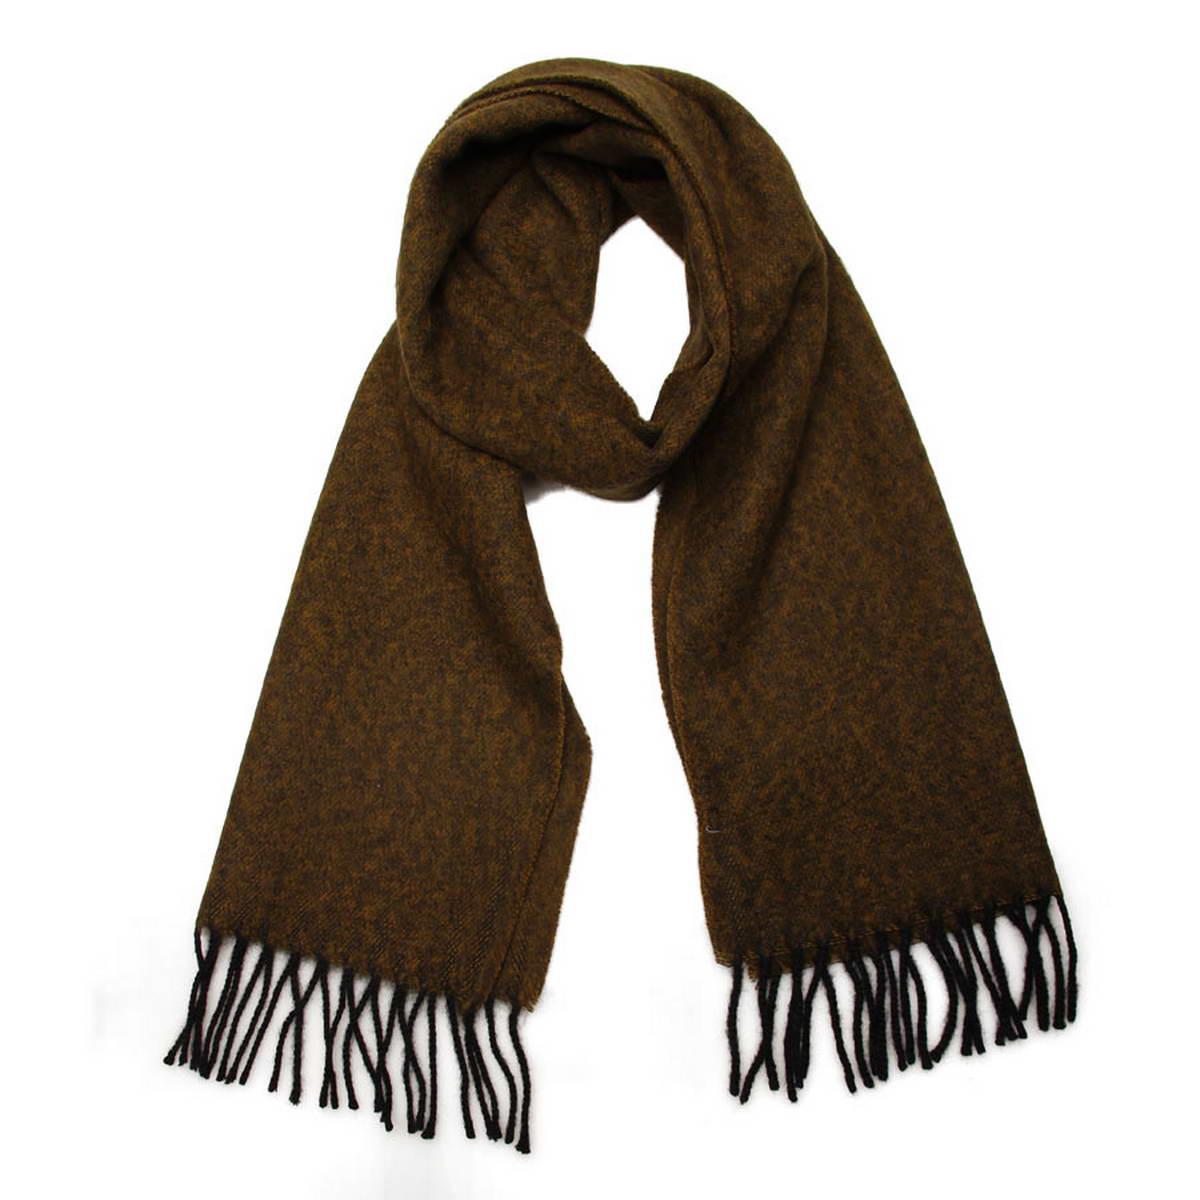 5002132-10Элегантный мужской шарф Venera согреет вас в холодное время года, а также станет изысканным аксессуаром, который призван подчеркнуть ваш стиль и индивидуальность. Оригинальный теплый шарф выполнен из высококачественной шерстяной пряжи. Строгий однотонный шарф выполнен в классической расцветке и дополнен жгутиками по краю. Такой шарф станет превосходным дополнением к любому наряду, защитит вас от ветра и холода и позволит вам создать свой неповторимый стиль.